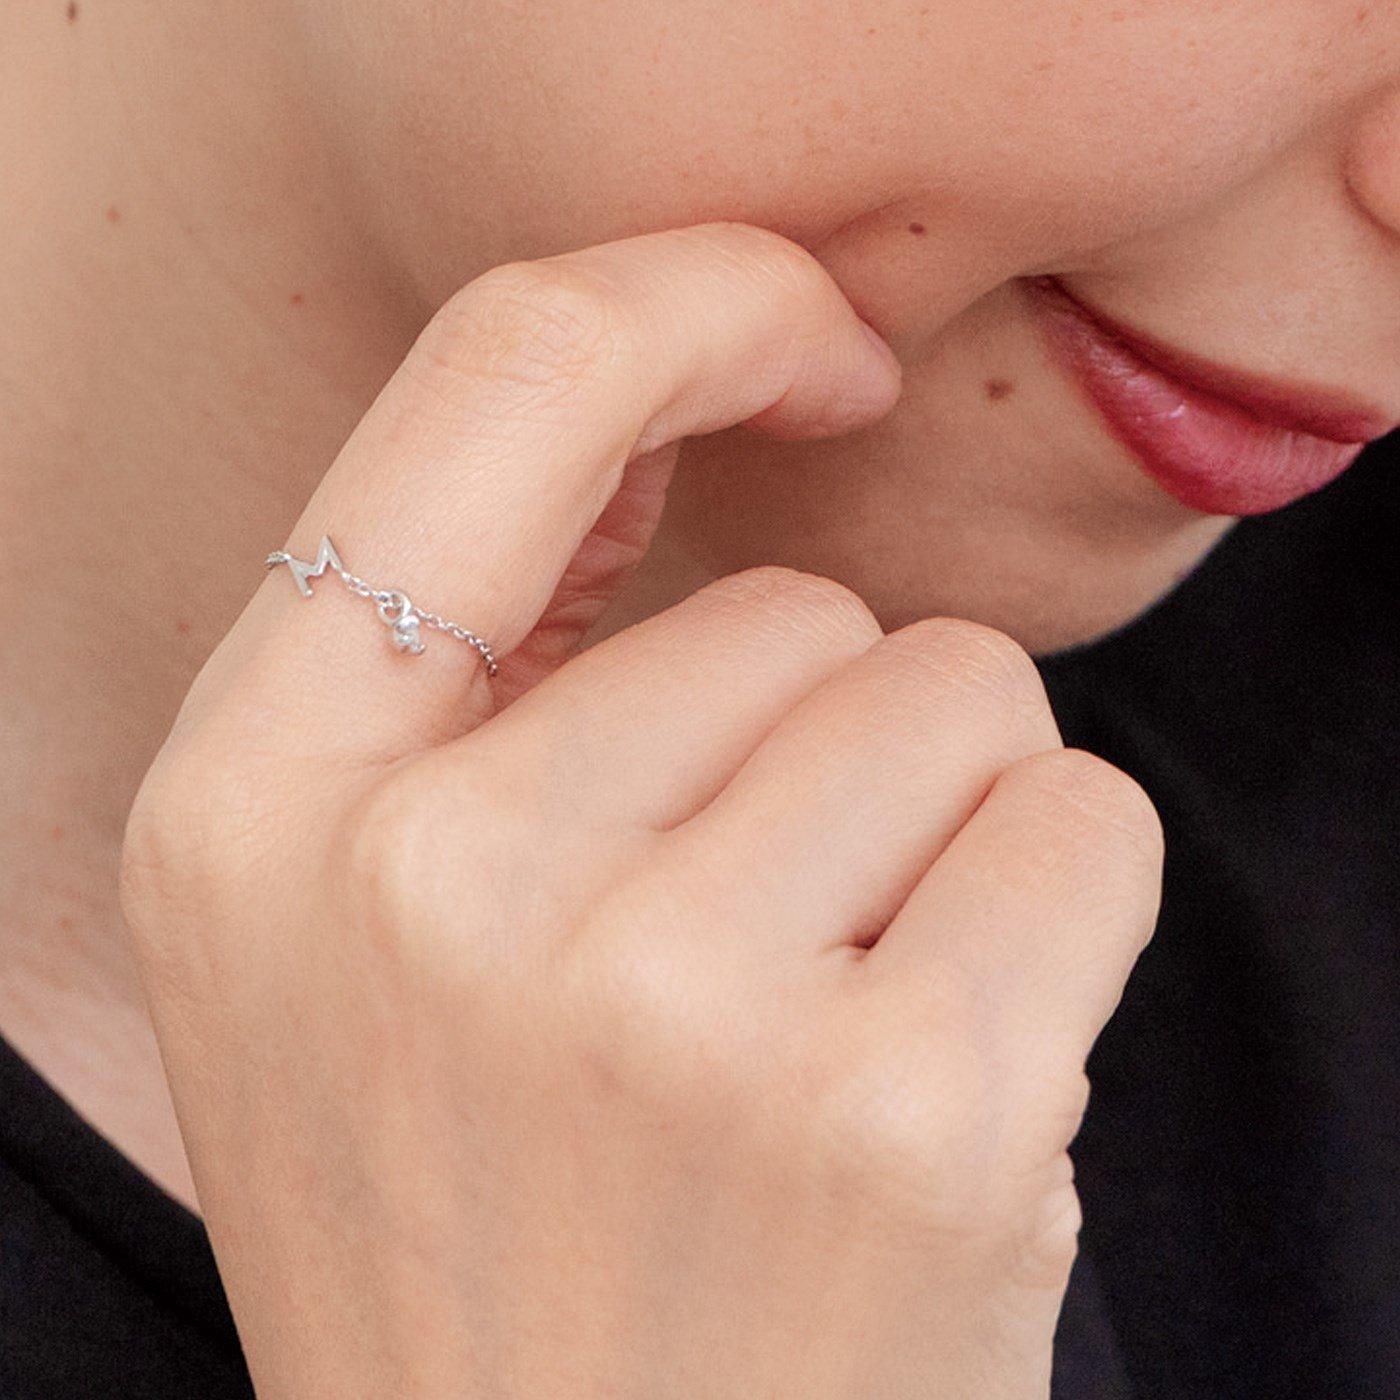 私のお守り★ ダイヤモンドが光る 大人のためのイニシャルシルバーチェーンリング